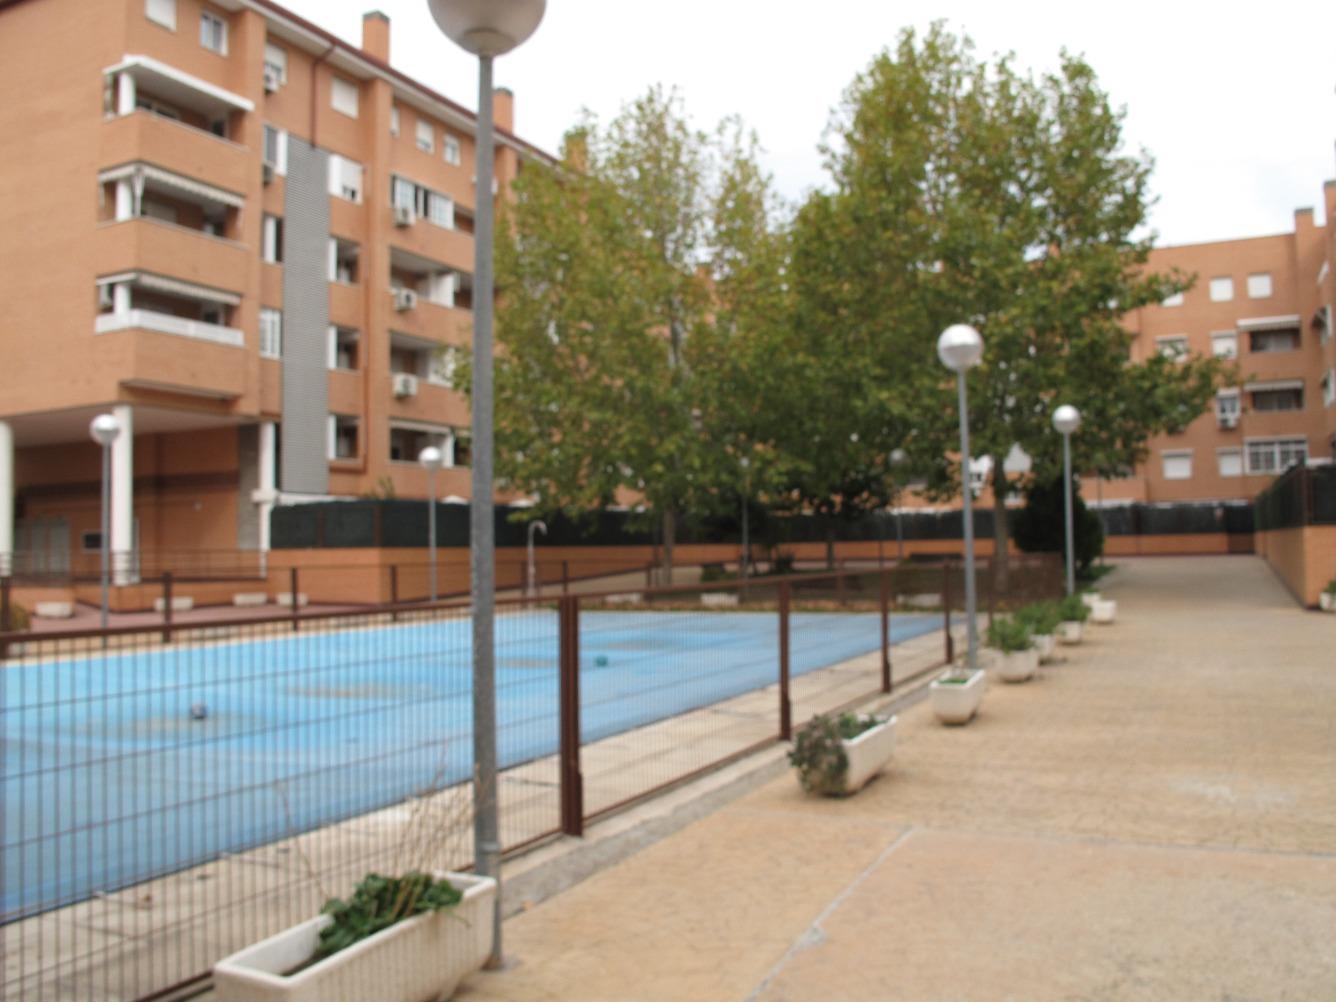 Pisos en alquiler piso alquiler torrej n ardoz de segunda mano - Alquiler pisos en torrejon de ardoz ...